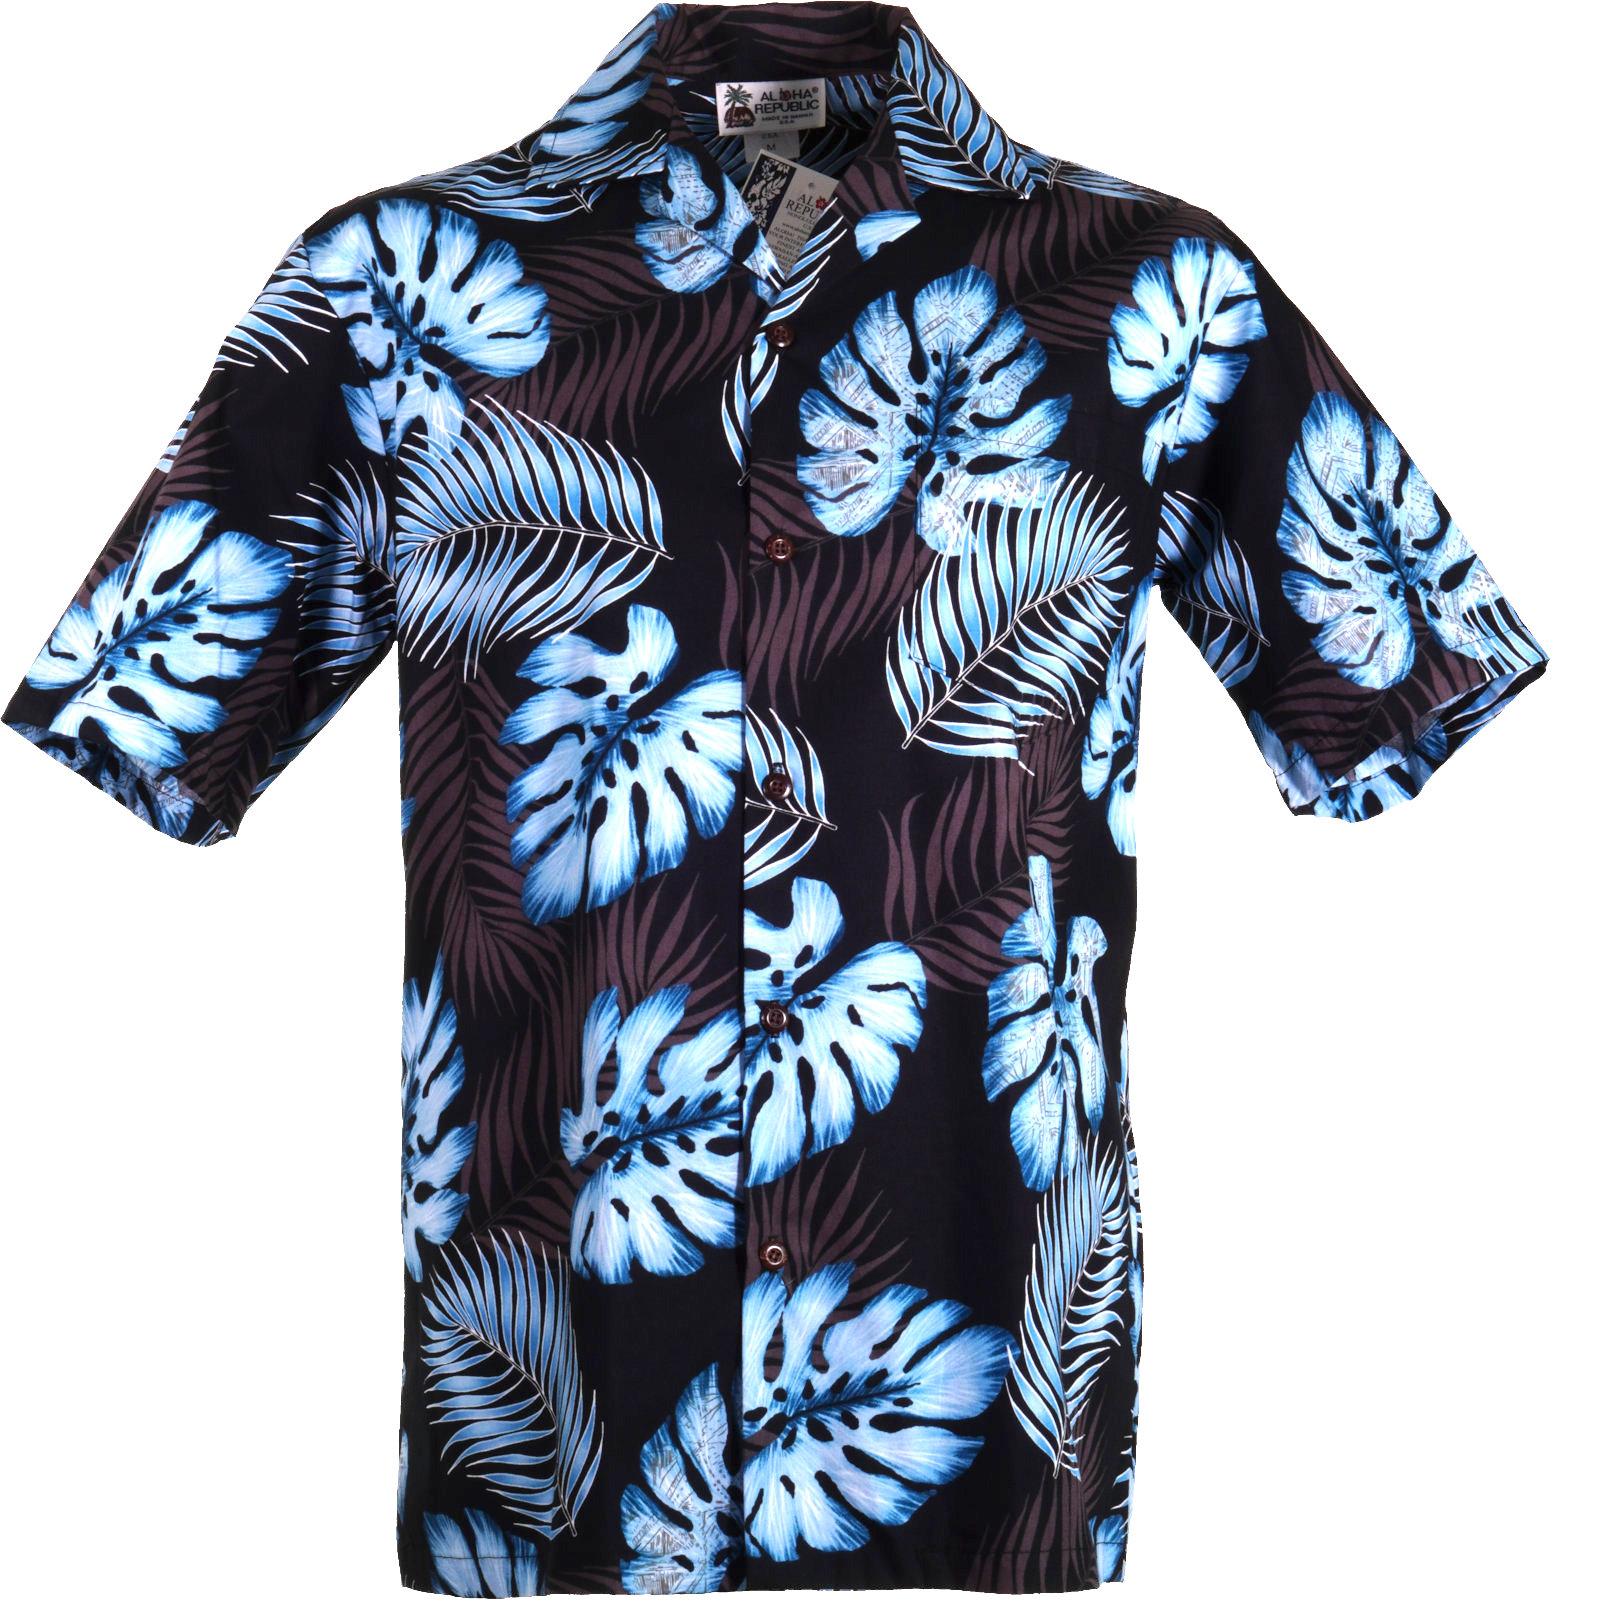 Original Hawaiihemd -Blue Moon-